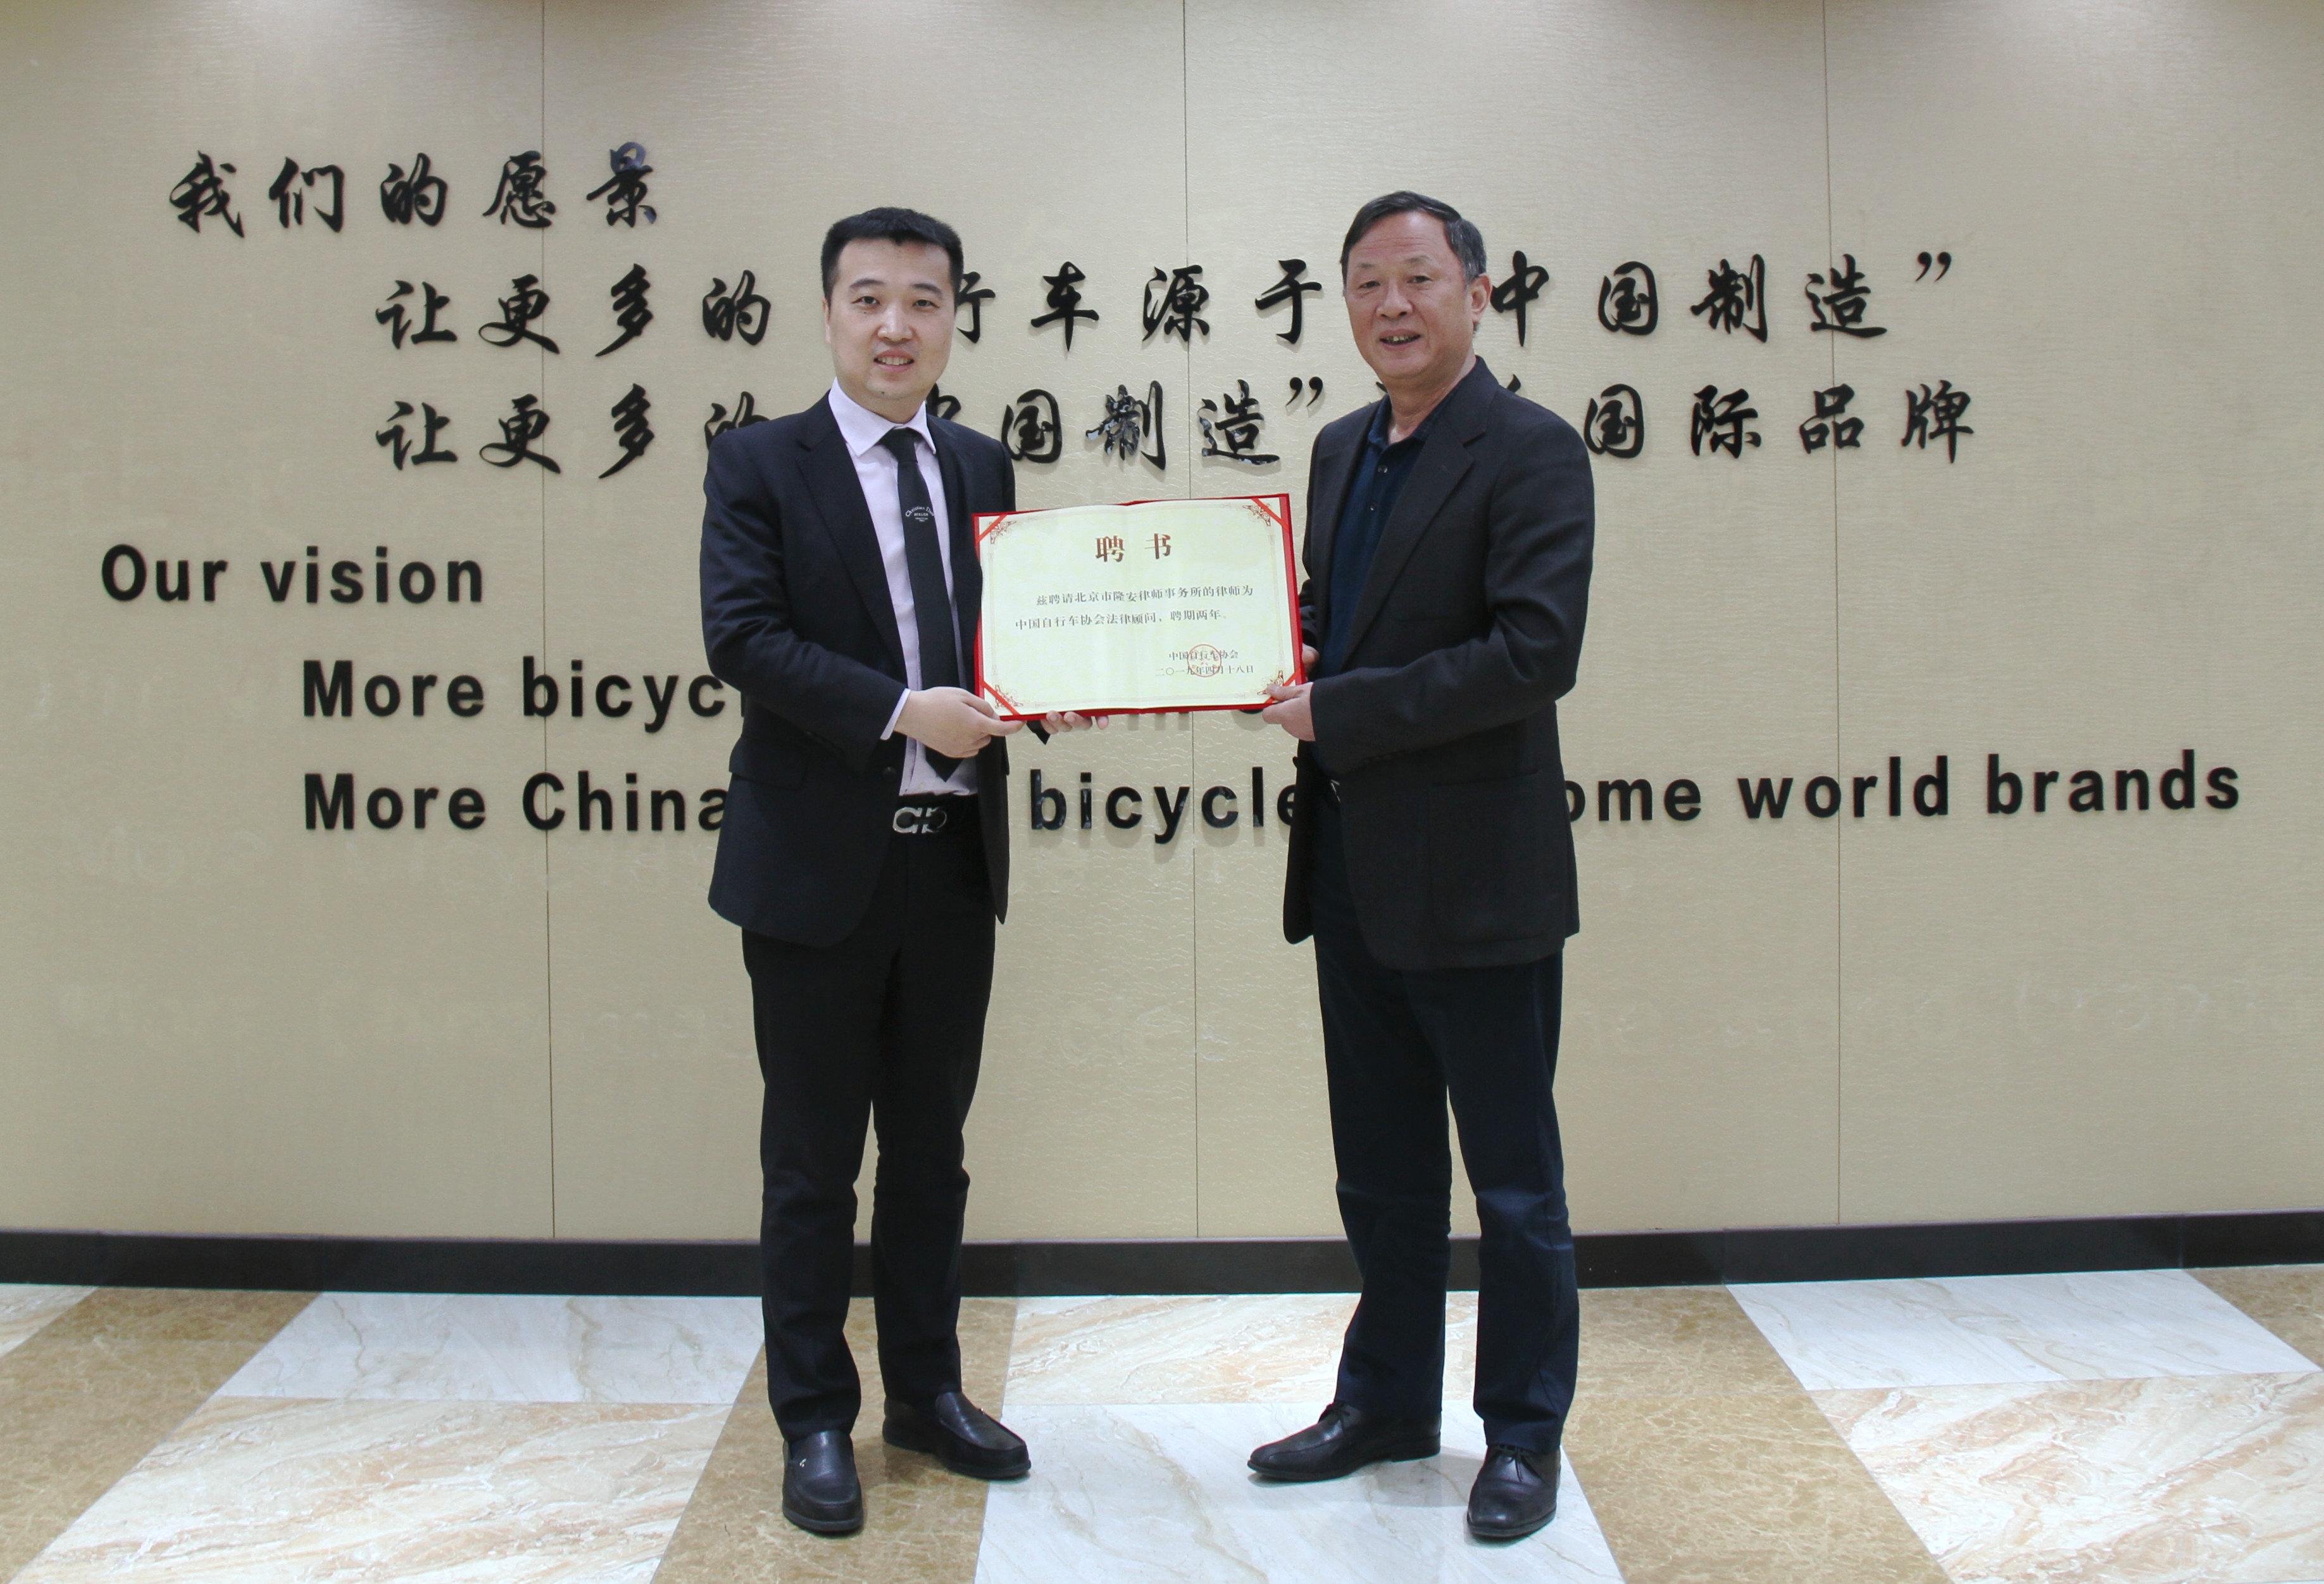 刘素文理事长为王丹律师颁发聘书